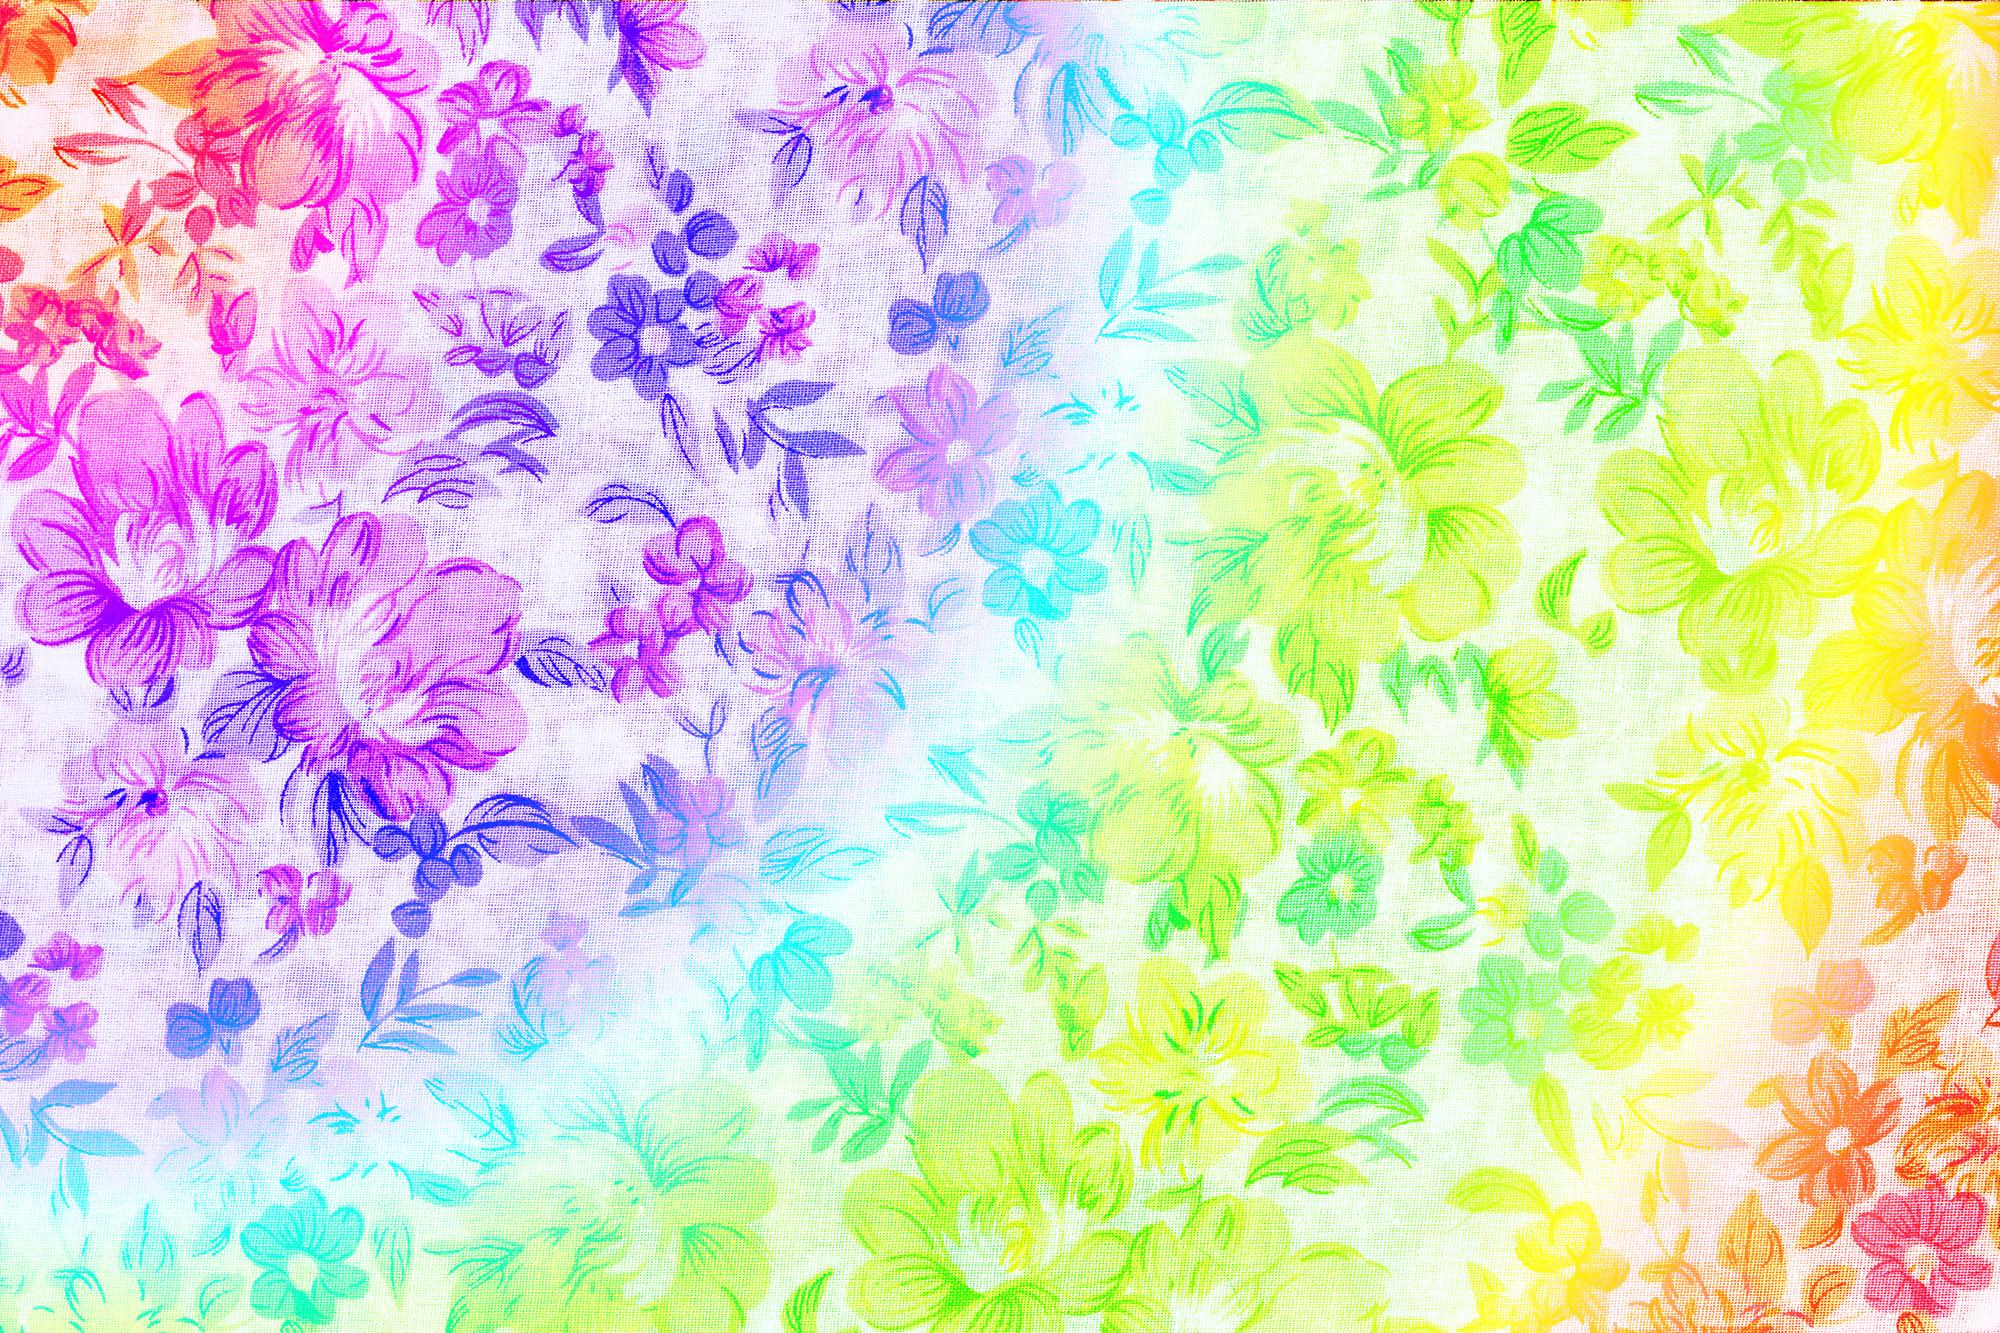 kukkaseina.jpg